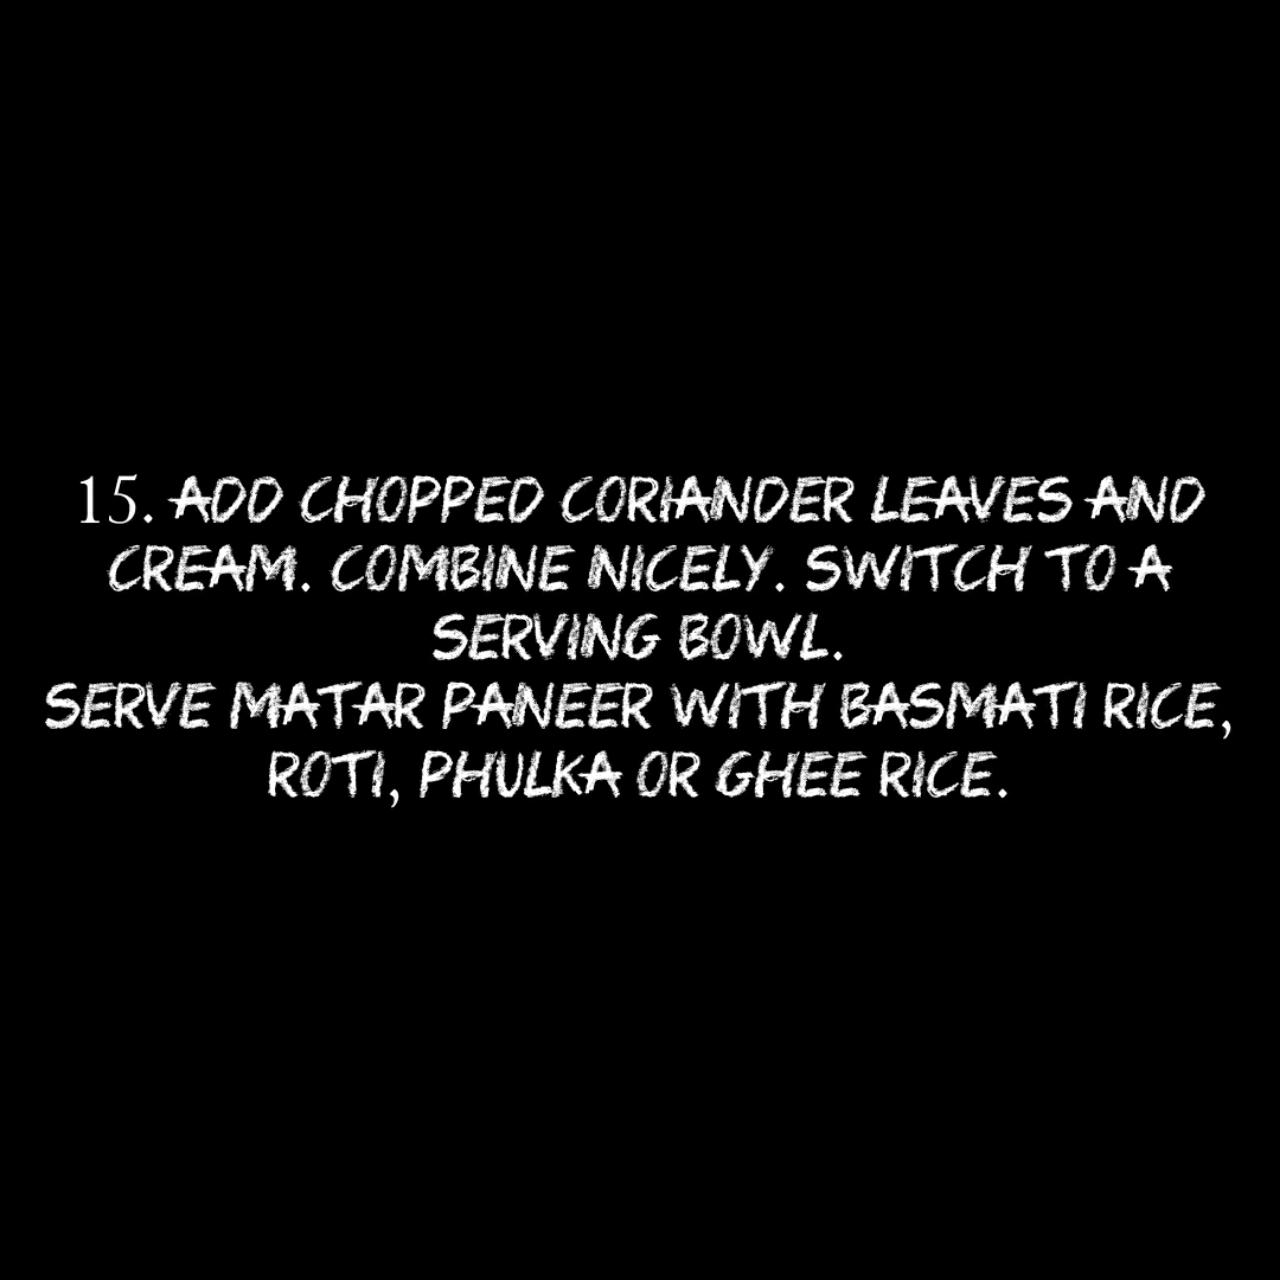 The best way to make matar paneer recipe